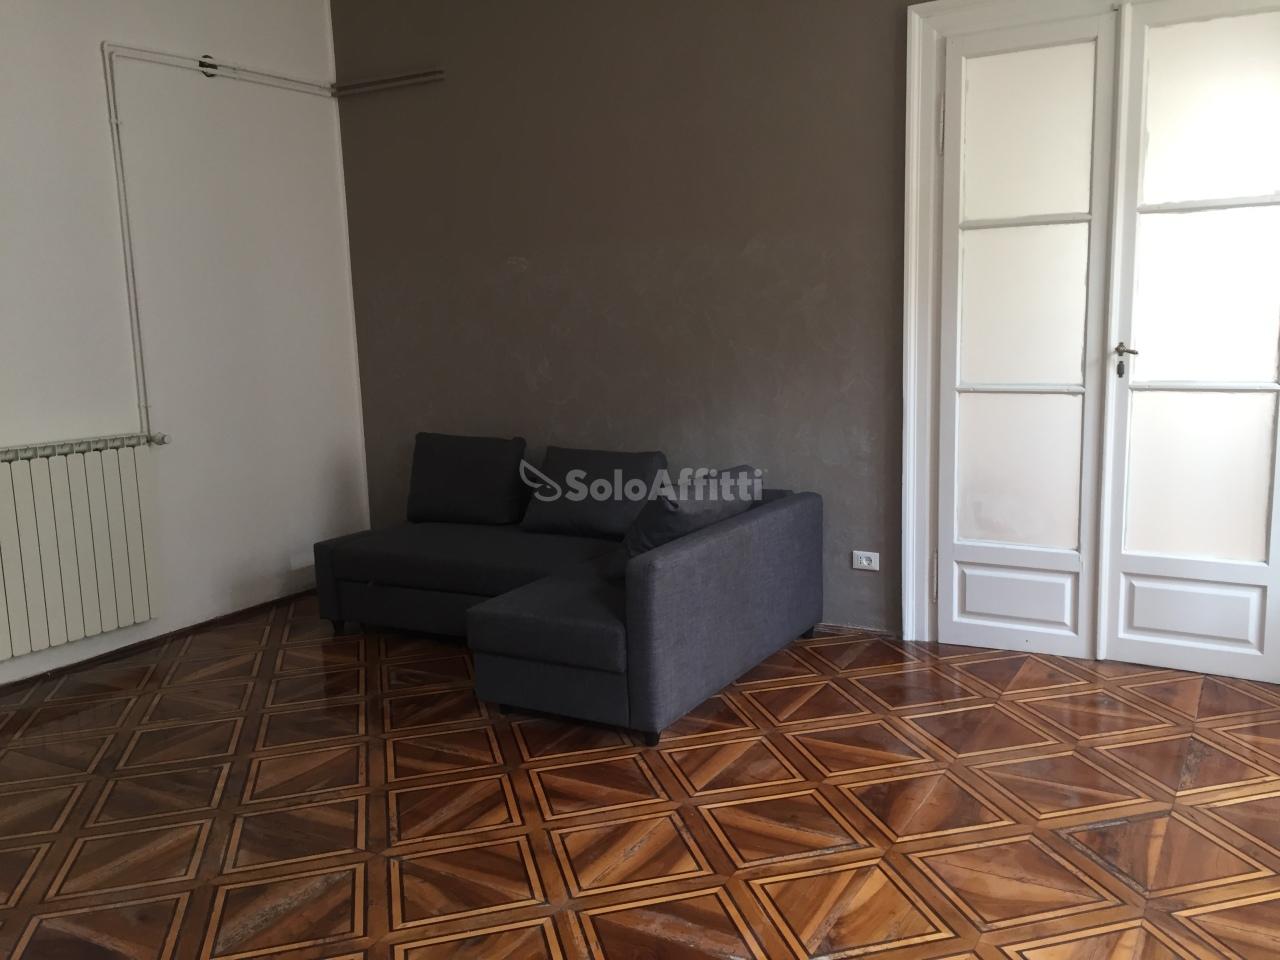 Appartamenti e Attici TRIESTE affitto  Viale XX Settembre  2C sas di Mantovani Cristina & C